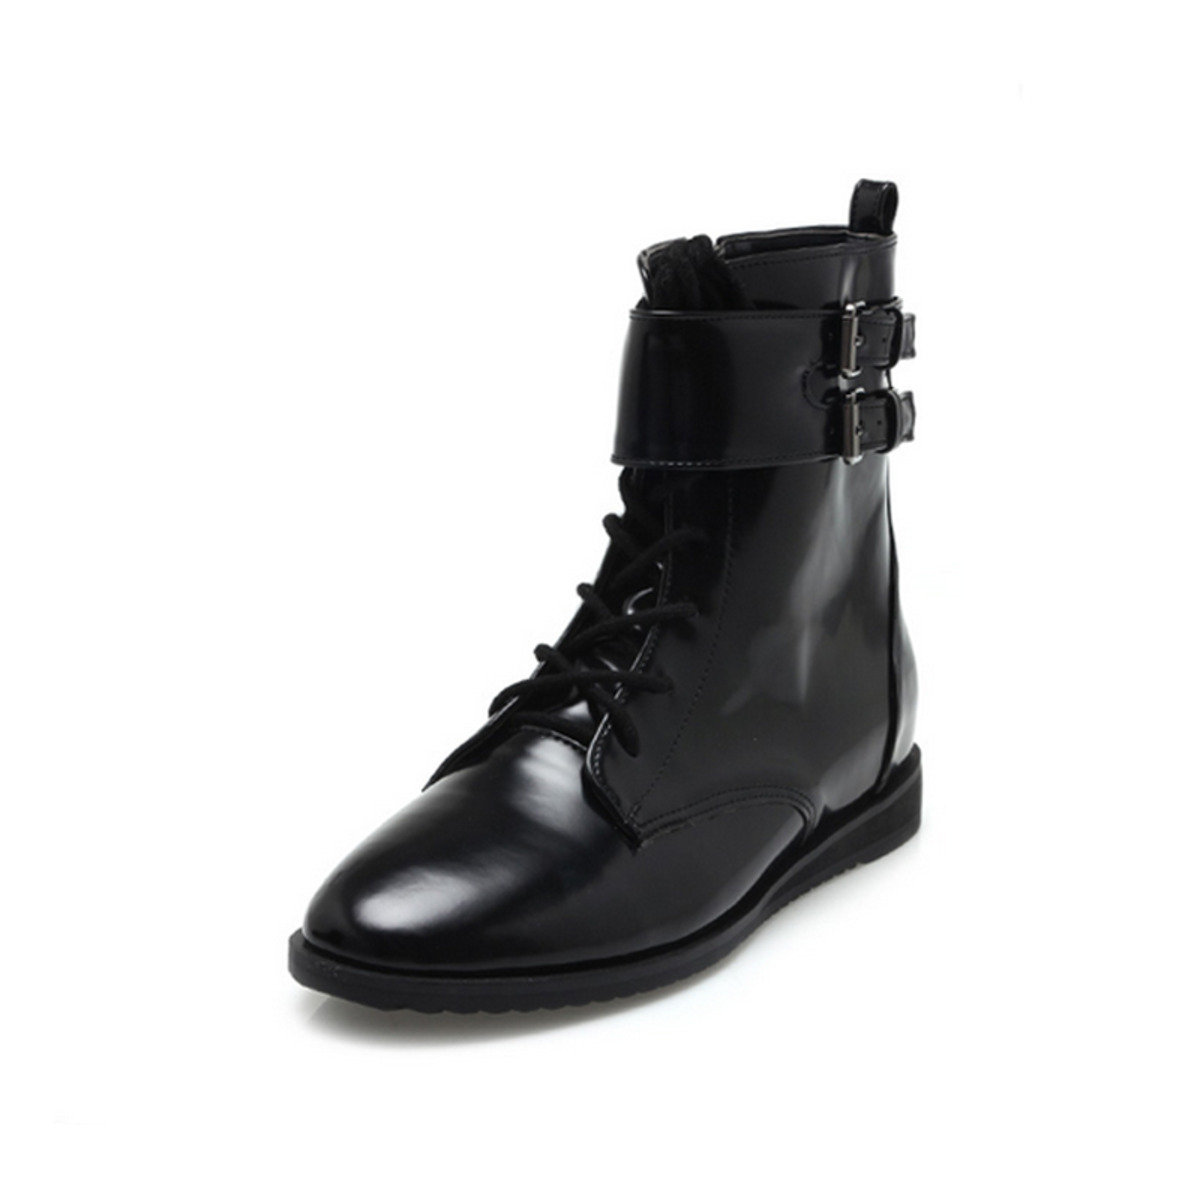 雙扣環漆皮靴